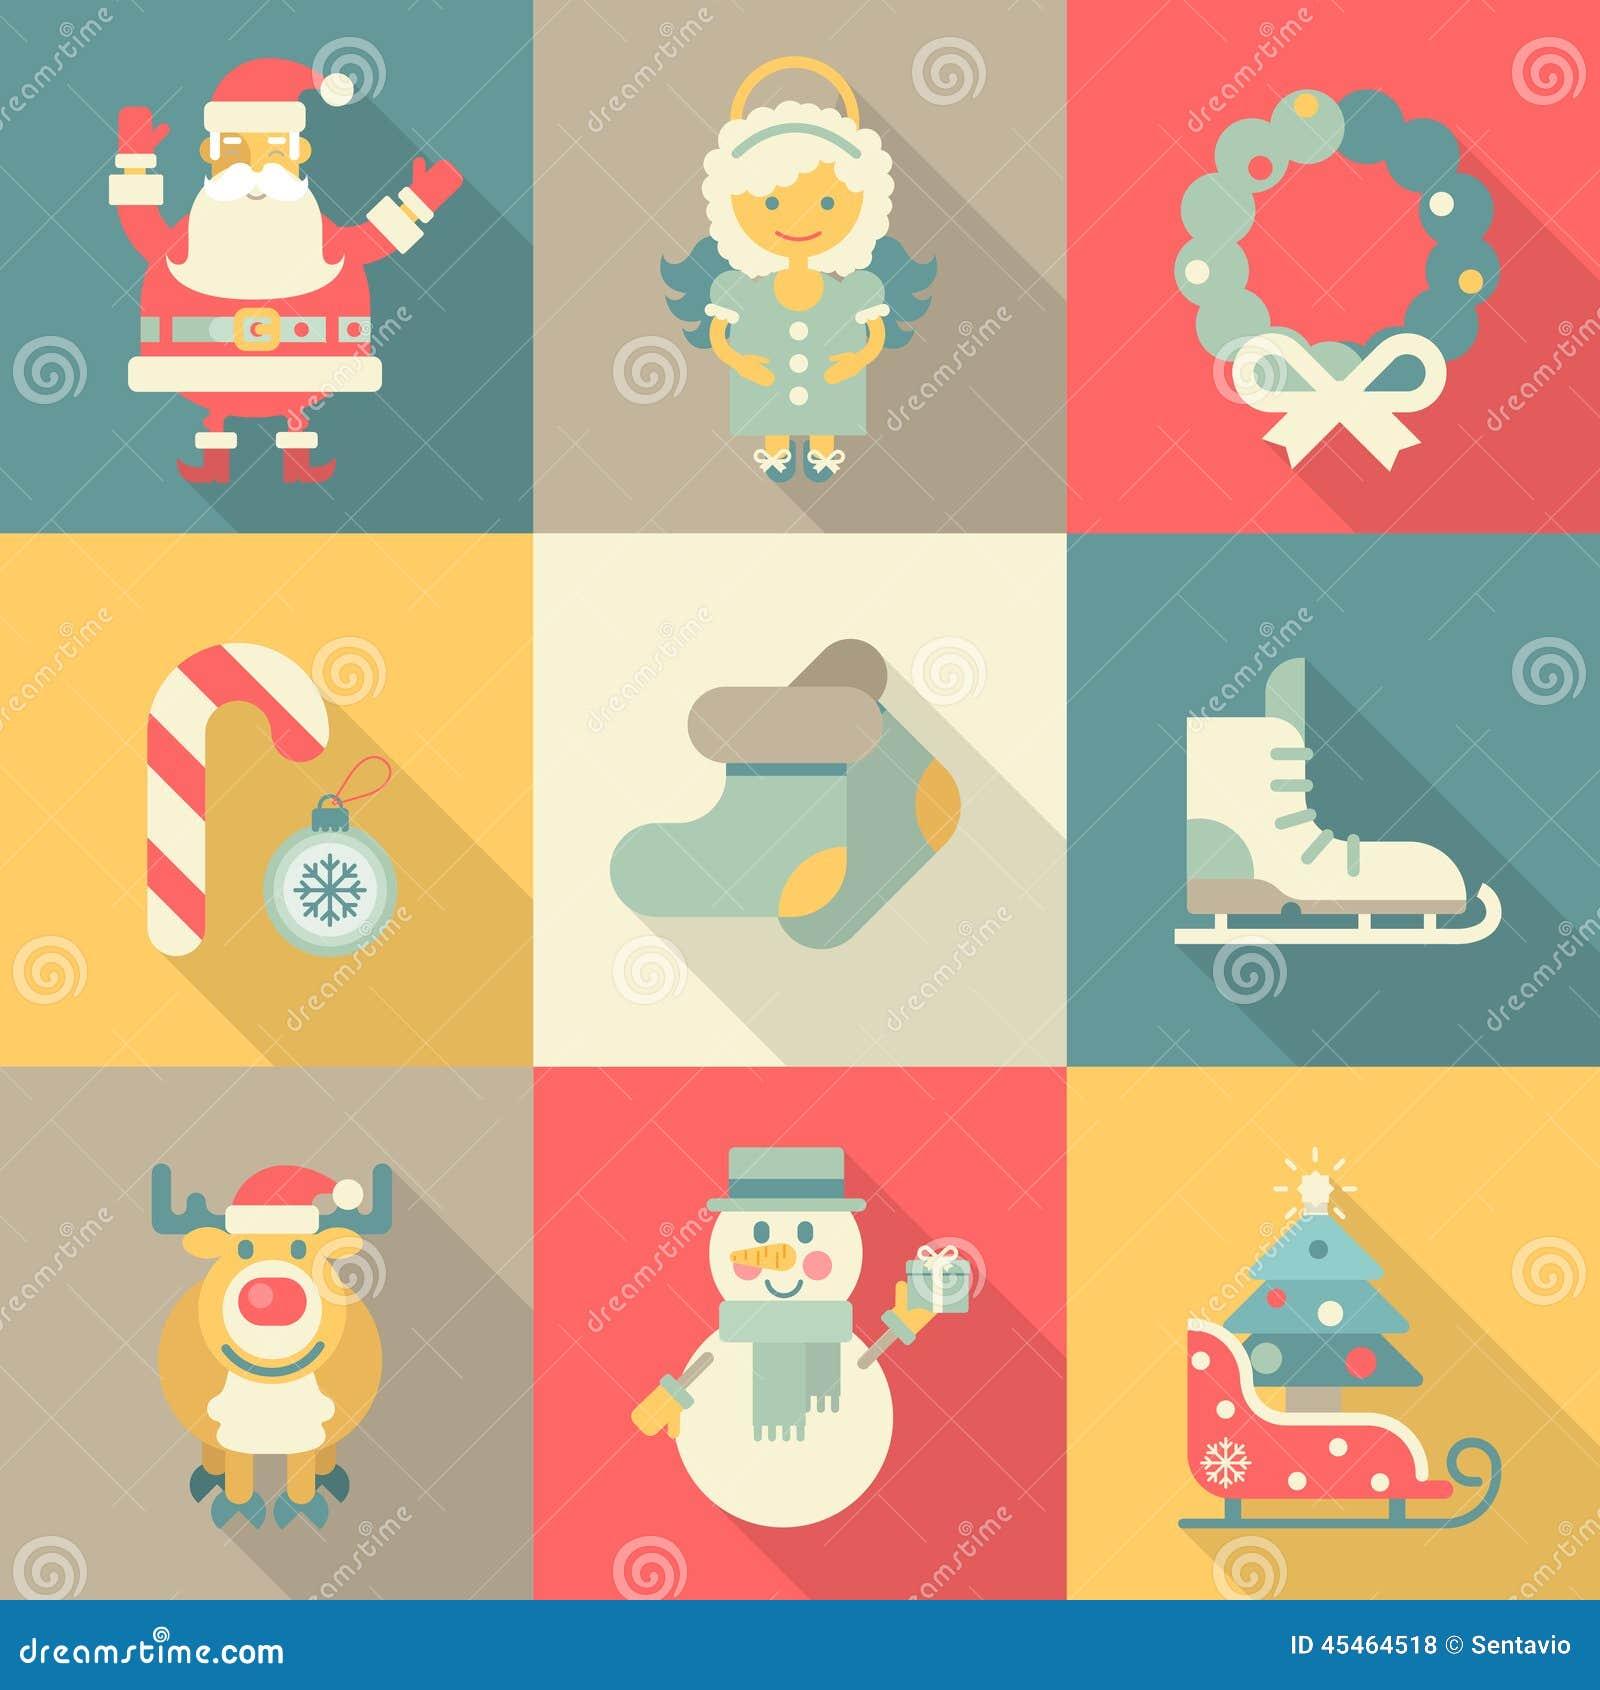 Χριστουγέννων νέος έτους εικονιδίων καθορισμένος επίπεδος ύφους άγγελος Santa κινούμενων σχεδίων αστείος